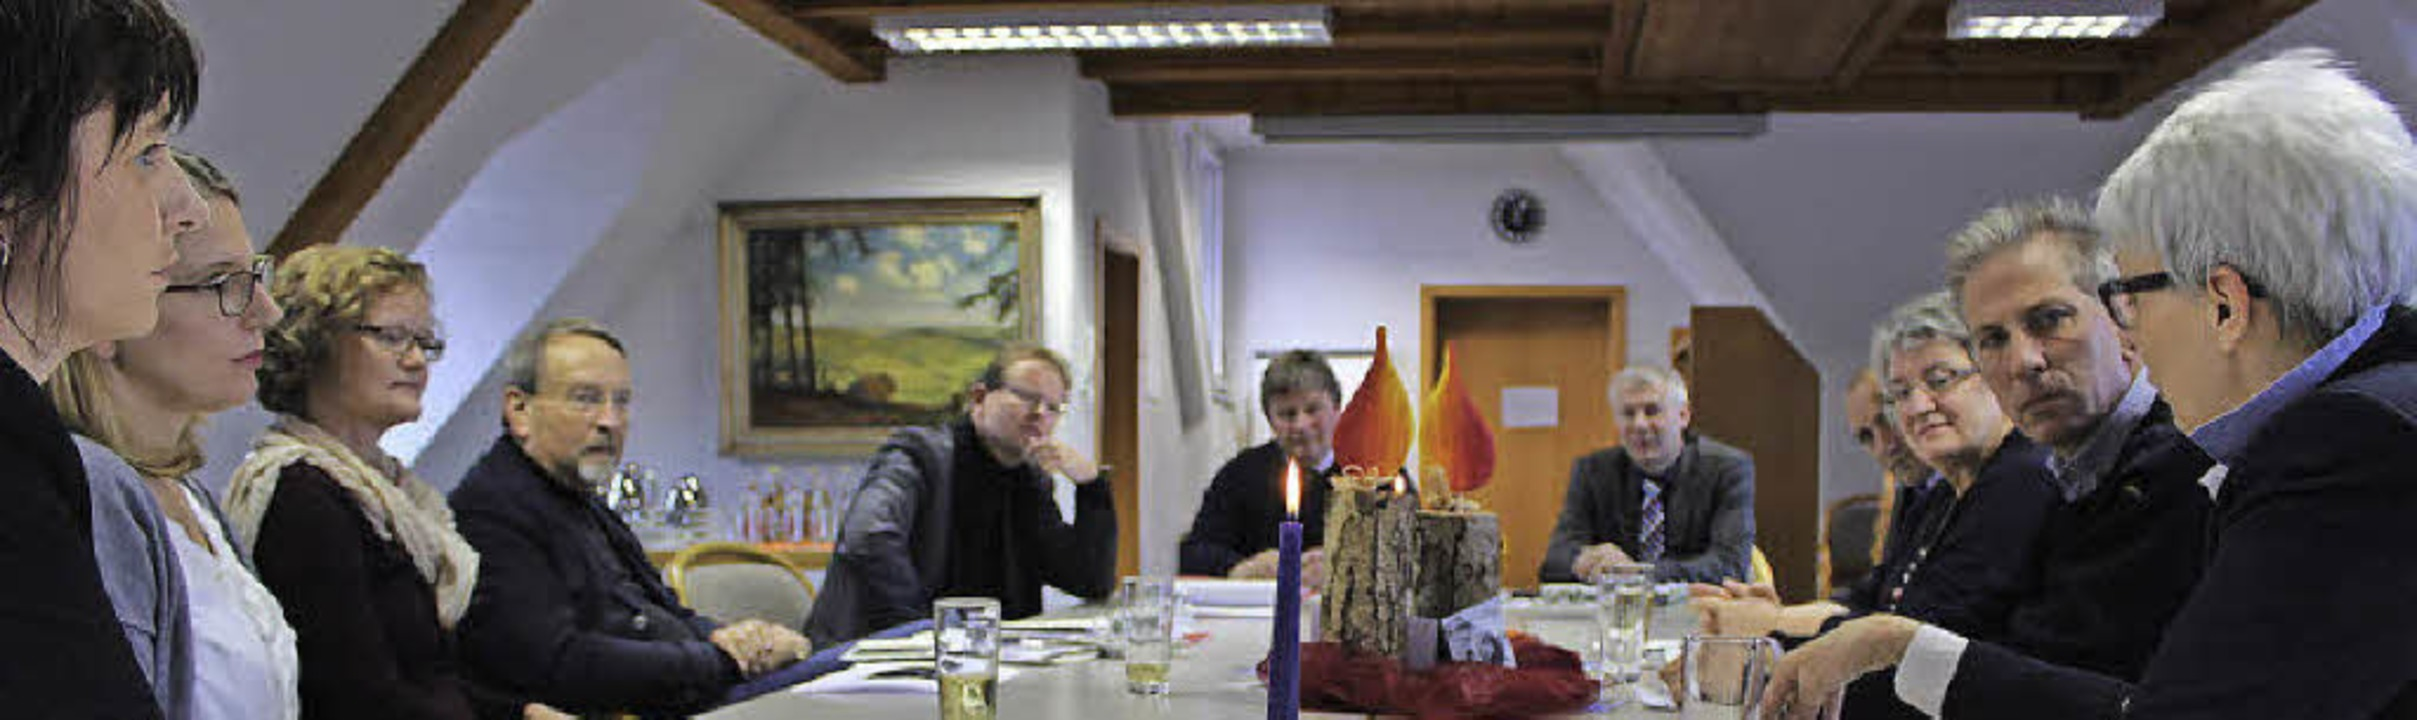 Diskussion um Umweltzone in St. Märgen  | Foto: Joachim Frommherz